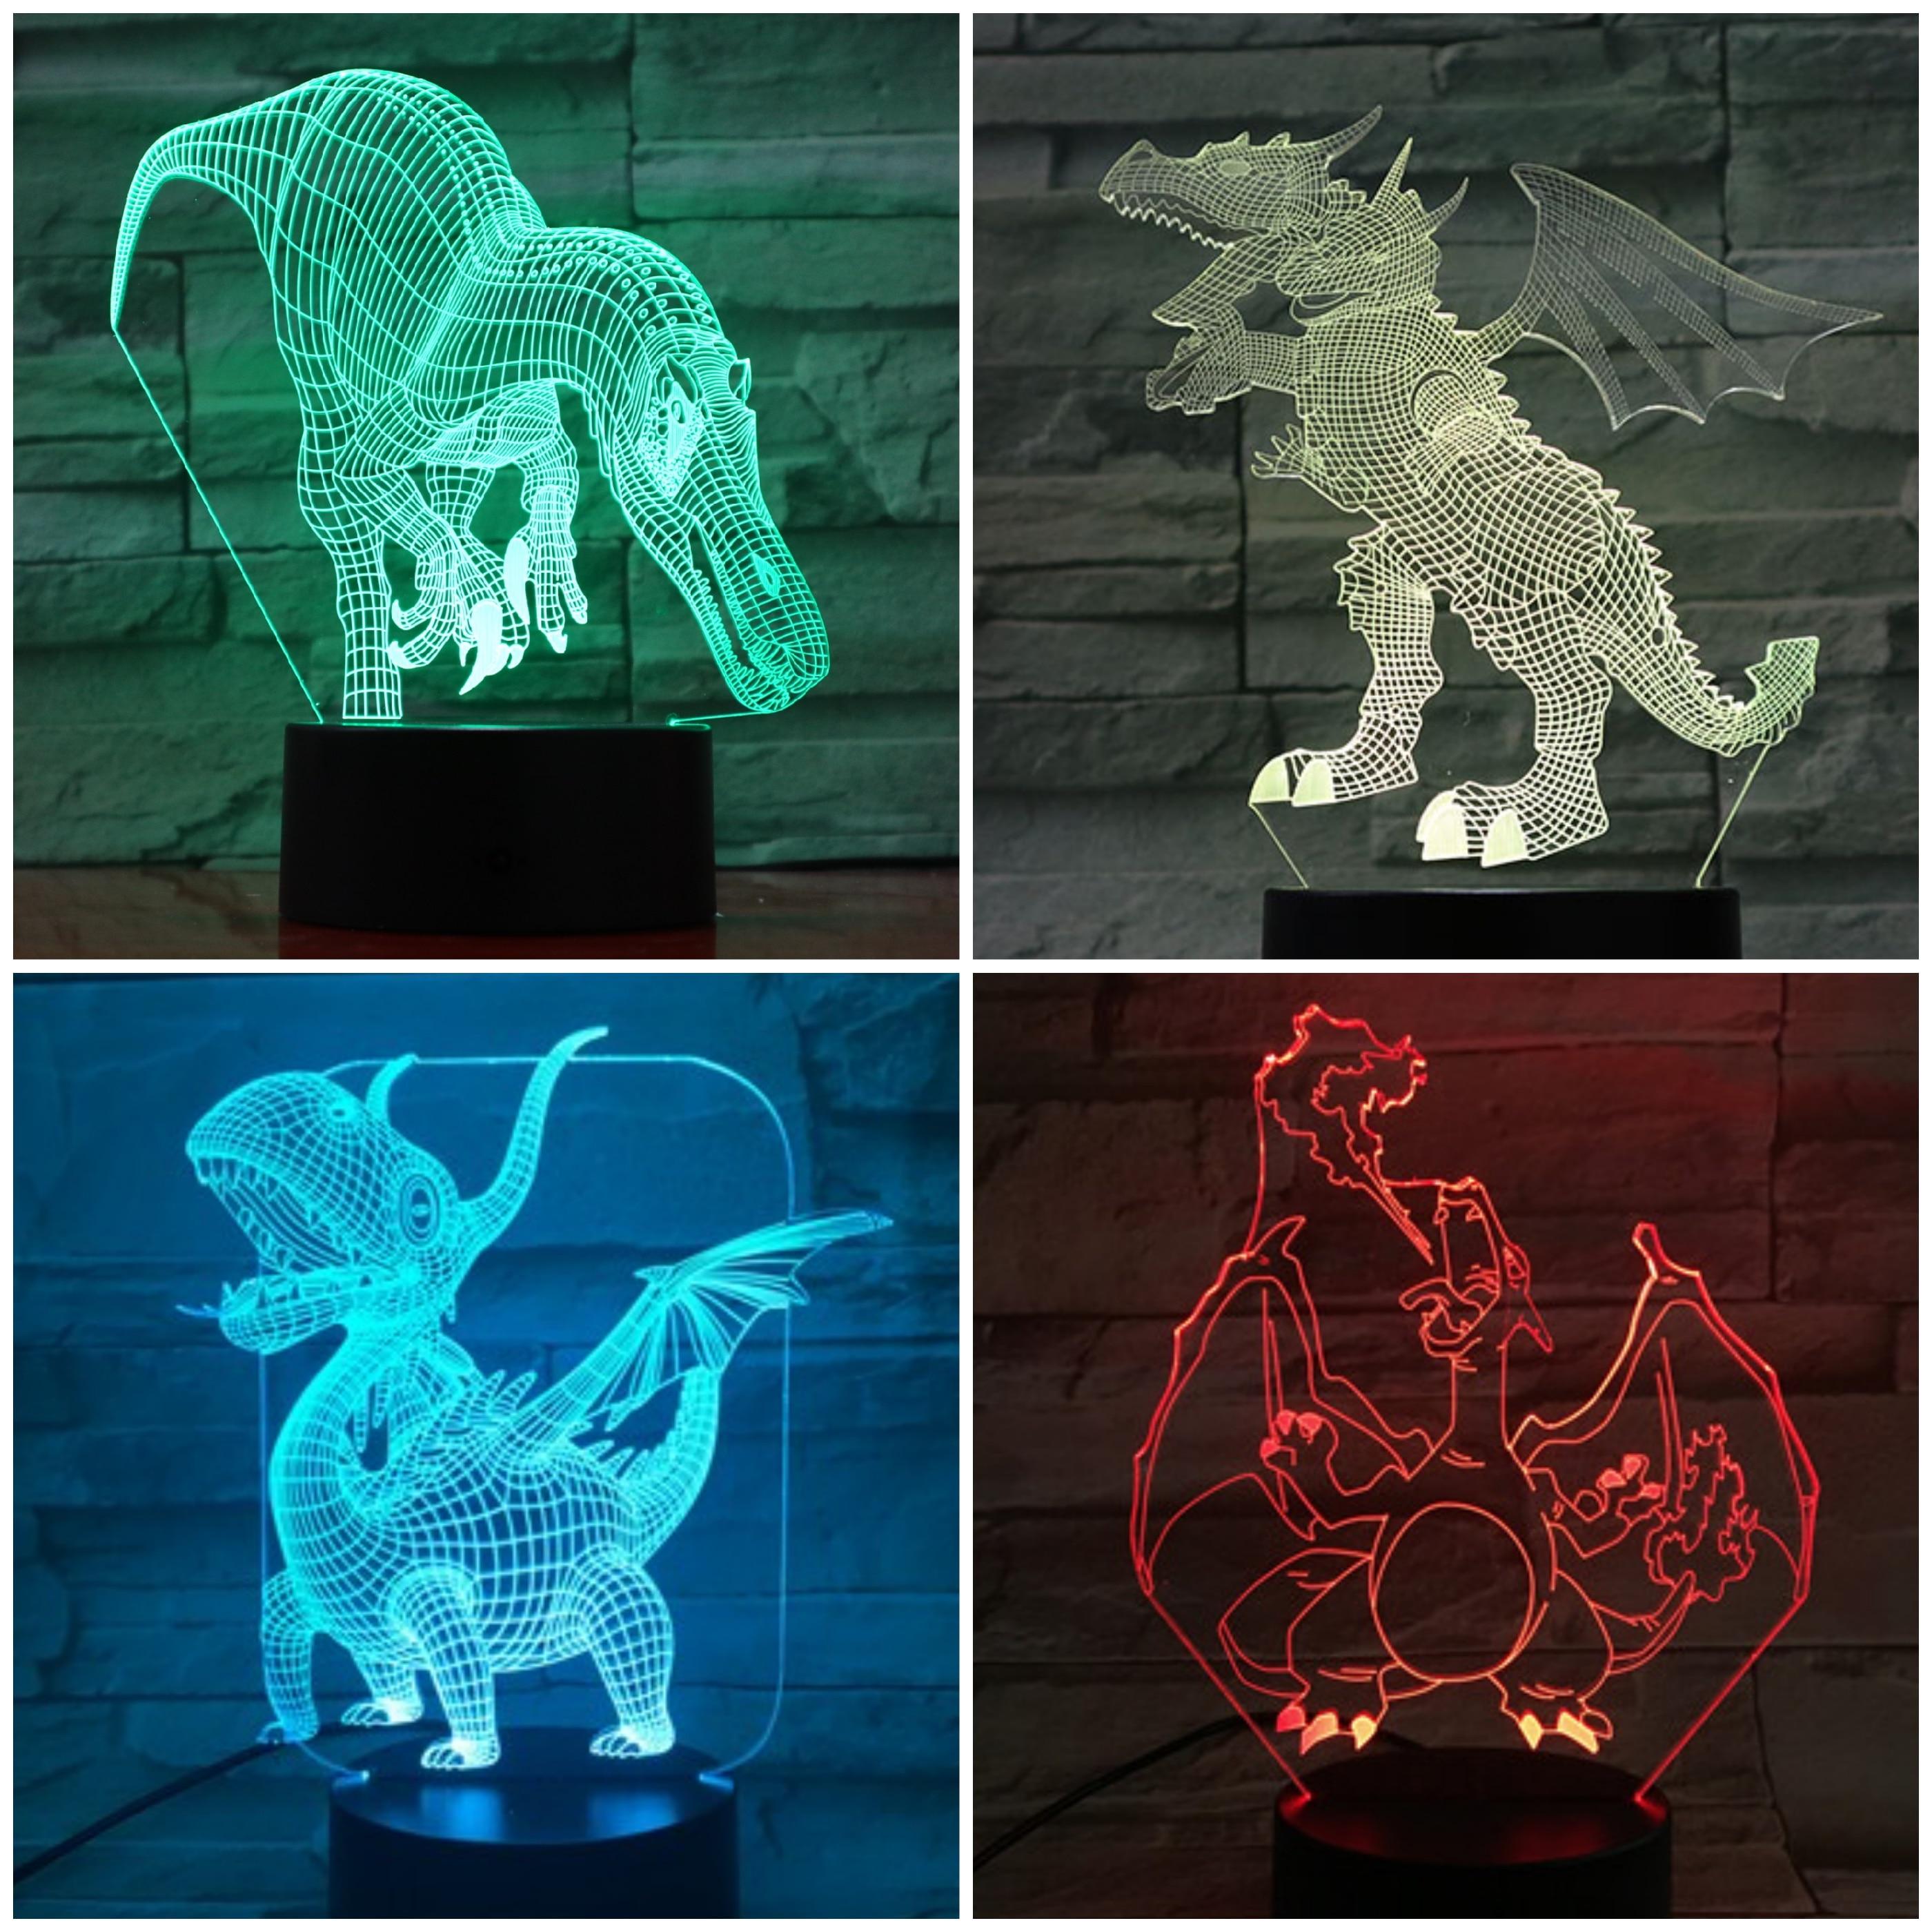 3d Illusion Lampada Gatto Led Night Light Con 7 Colori Lampeggiante E Touch Switch Usb Powered Camera Da Letto Lampada Da Tavolo Per I Bambini Regali Decorazione Della Casa Escuelasoulsurf Cl